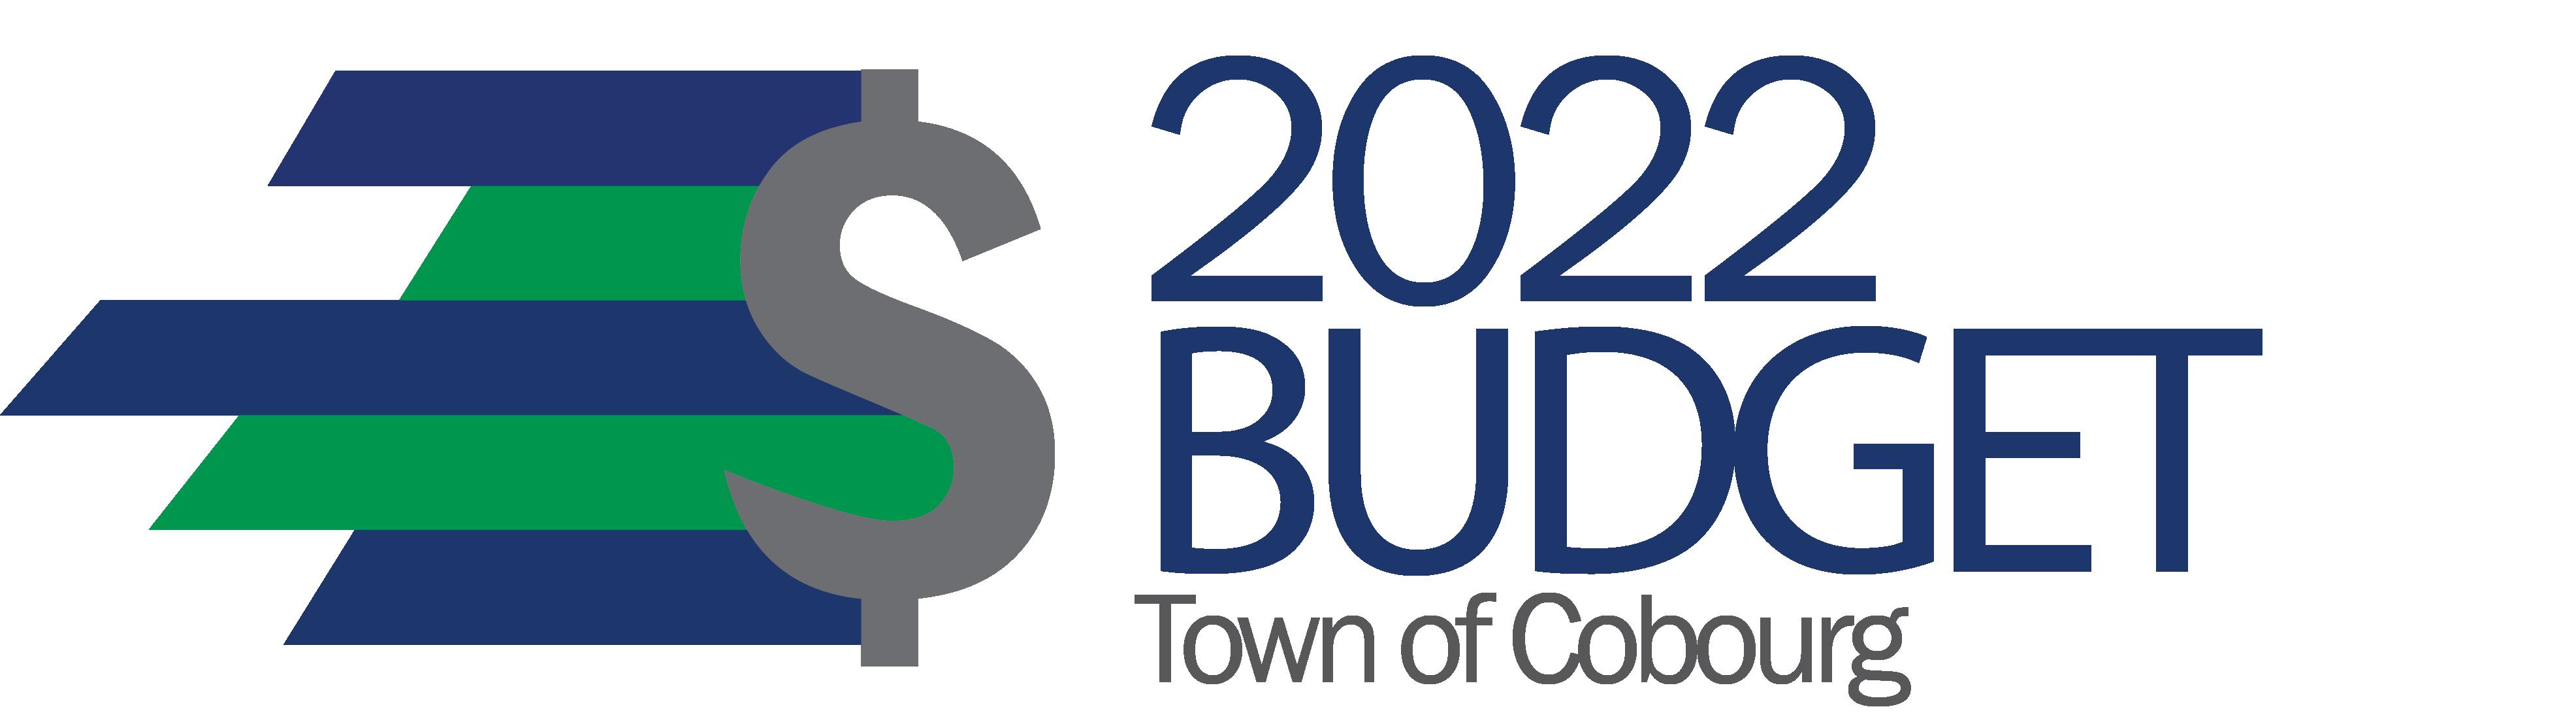 budget logo 2022